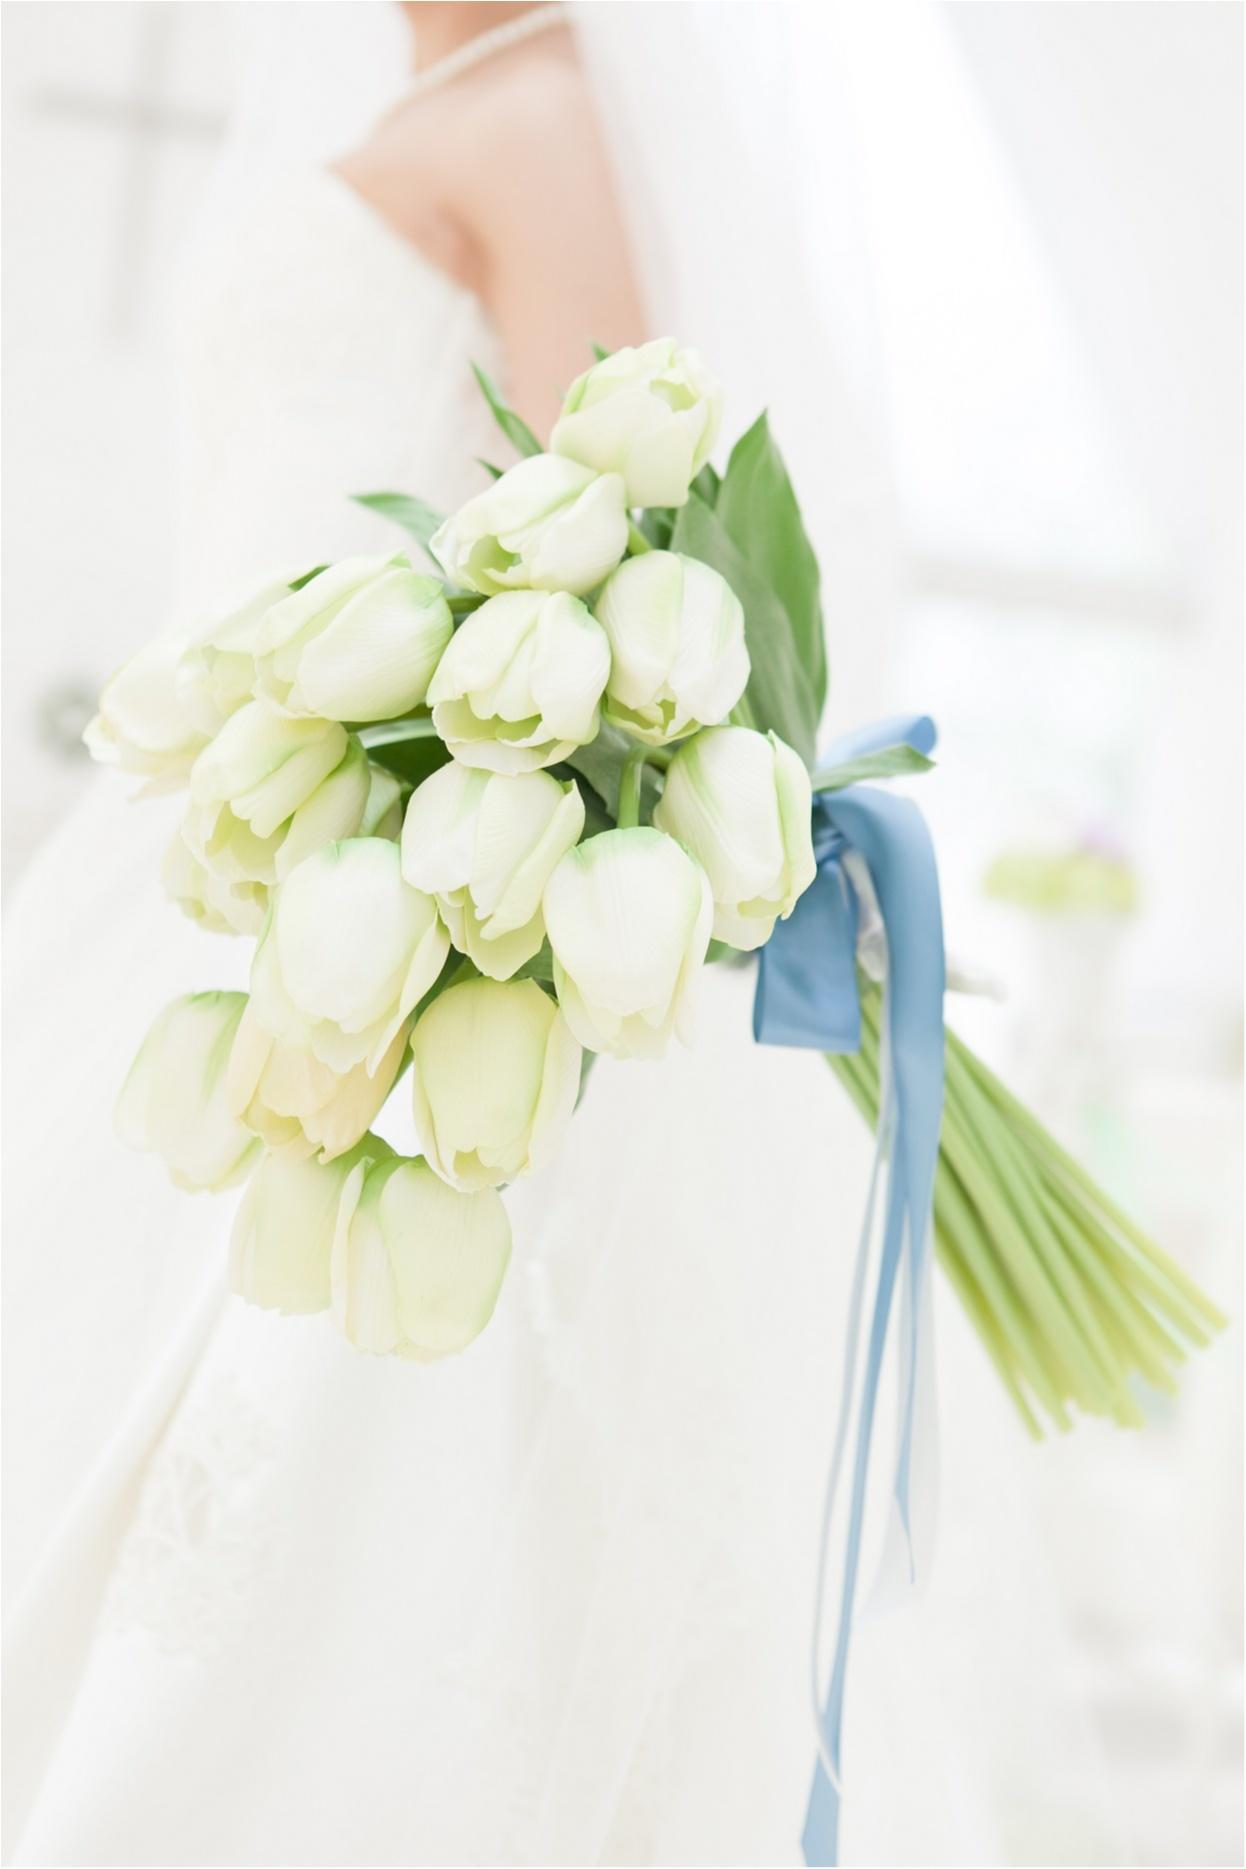 結婚式は「自分の好きな花」を手に持ちヴァージンロードを歩きたい!#さち婚_1